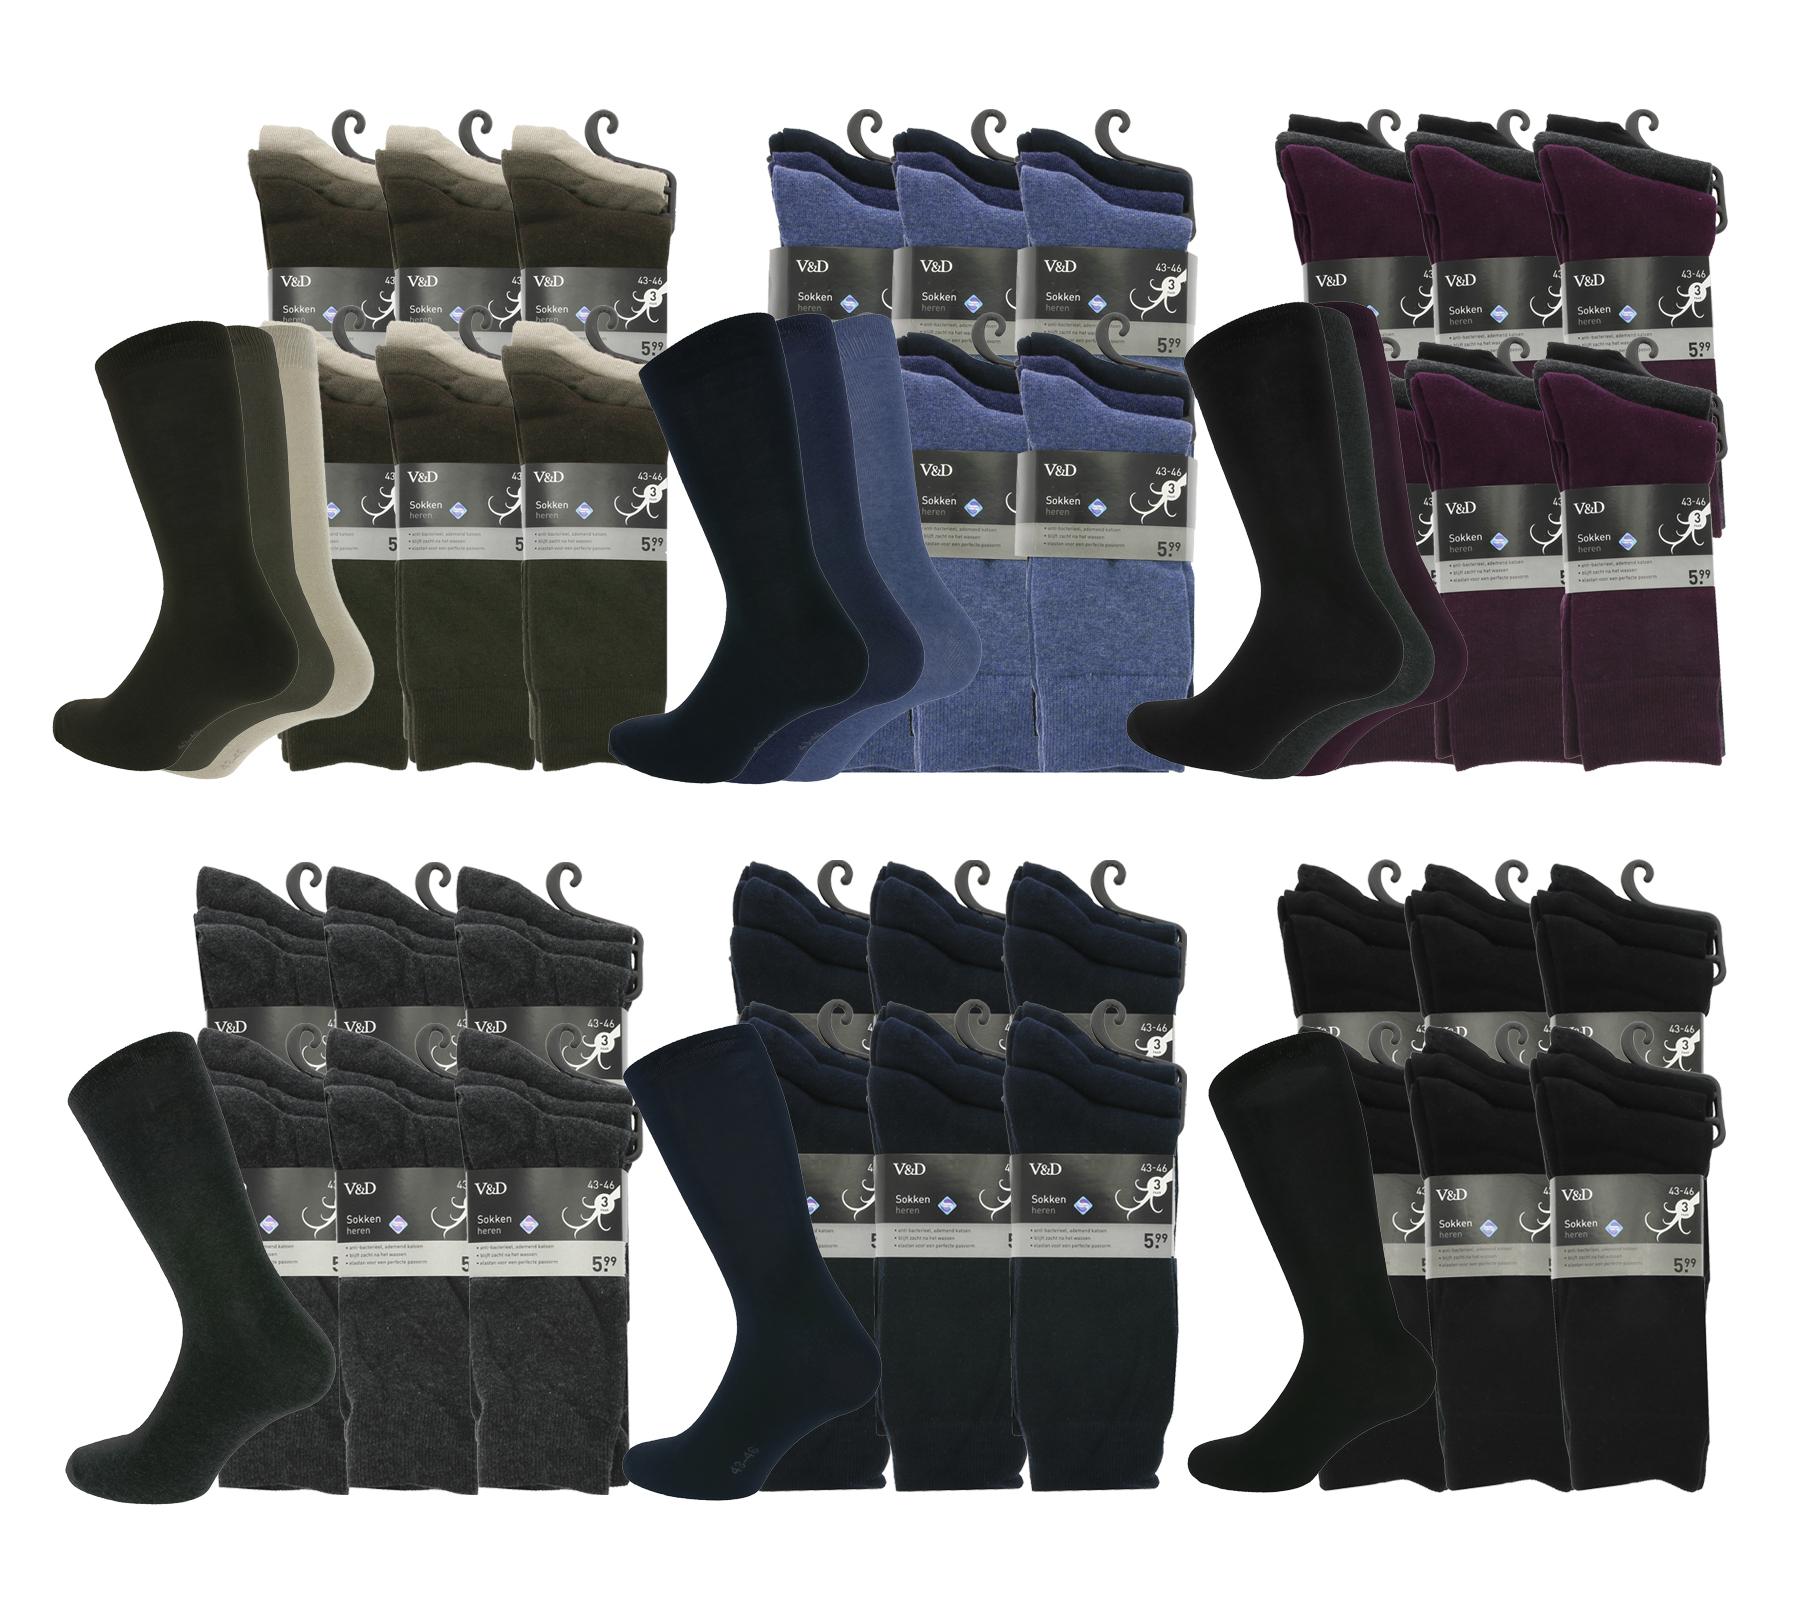 36 Paar V&D Socken für 20€ (Paarpreis 0,55€, unterschiedliche Größen und Farbsets wählbar) [www.outlet46.de]